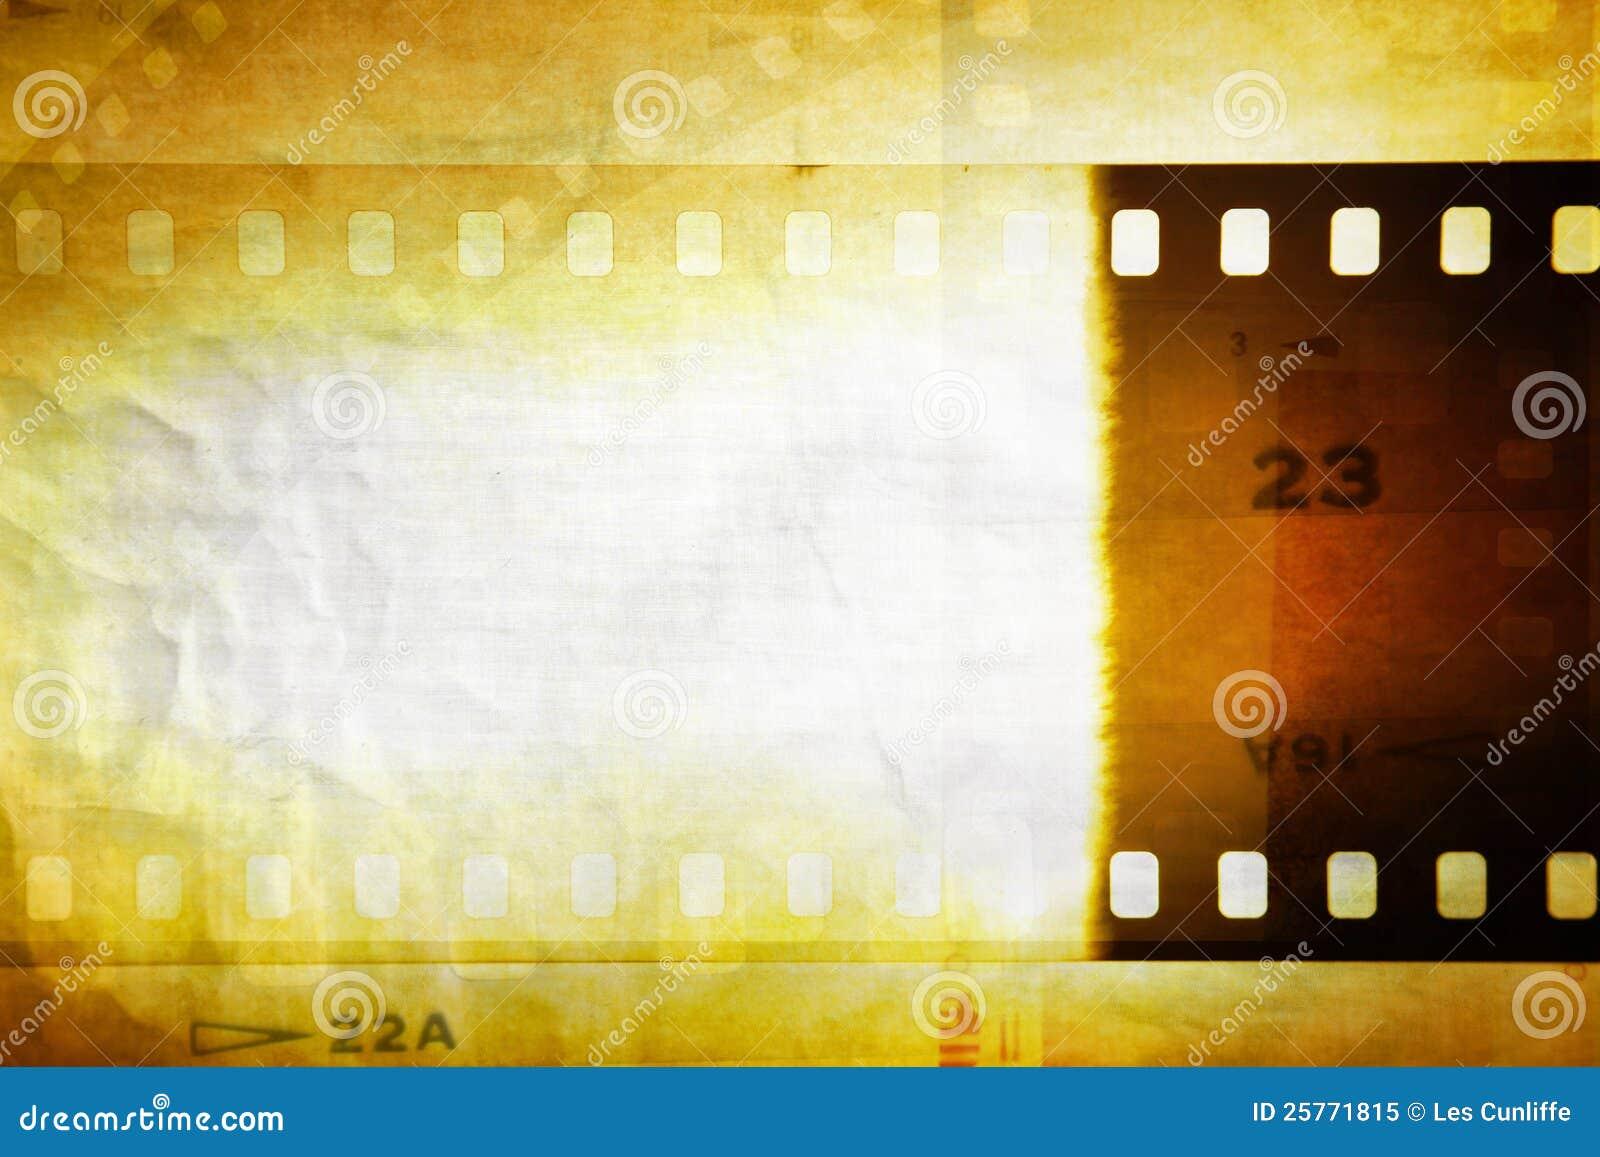 Film Negative Background Royalty Free Stock Photo - Image ...